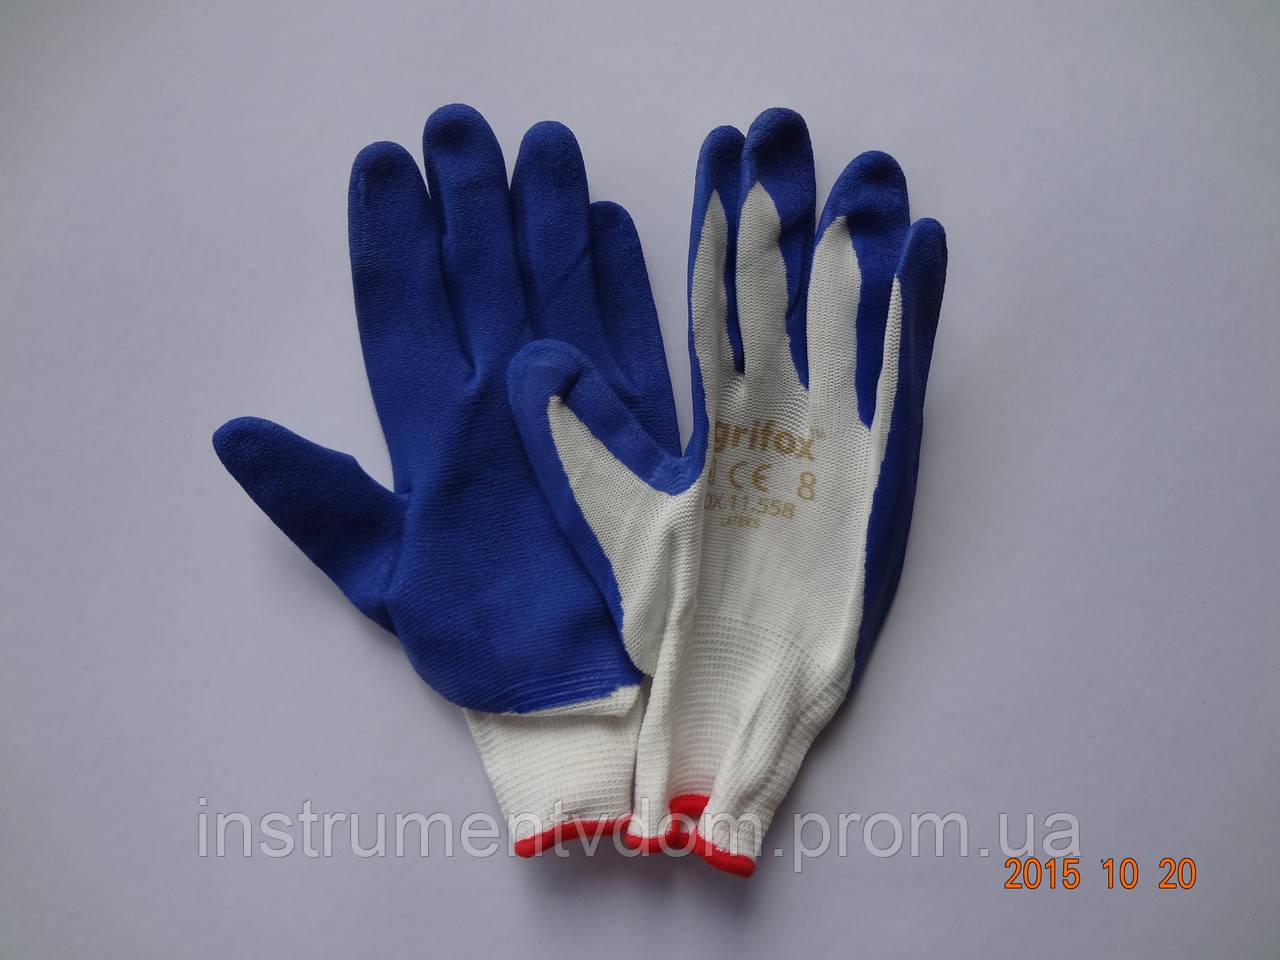 Перчатки рабочие защитные из полиэстера с синим латексным покрытием Оgrifox (упаковка 12 пар)